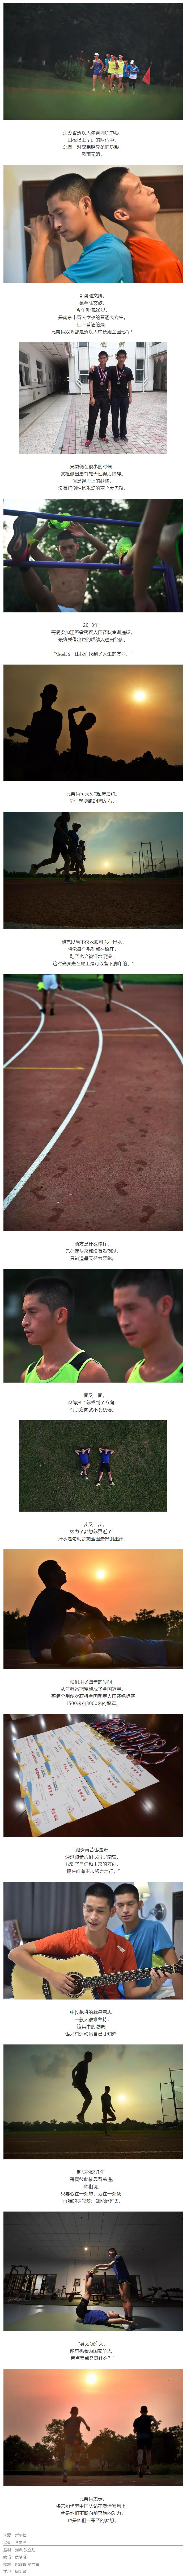 双胞胎从小失明却成全国冠军!他们还有更大的梦想